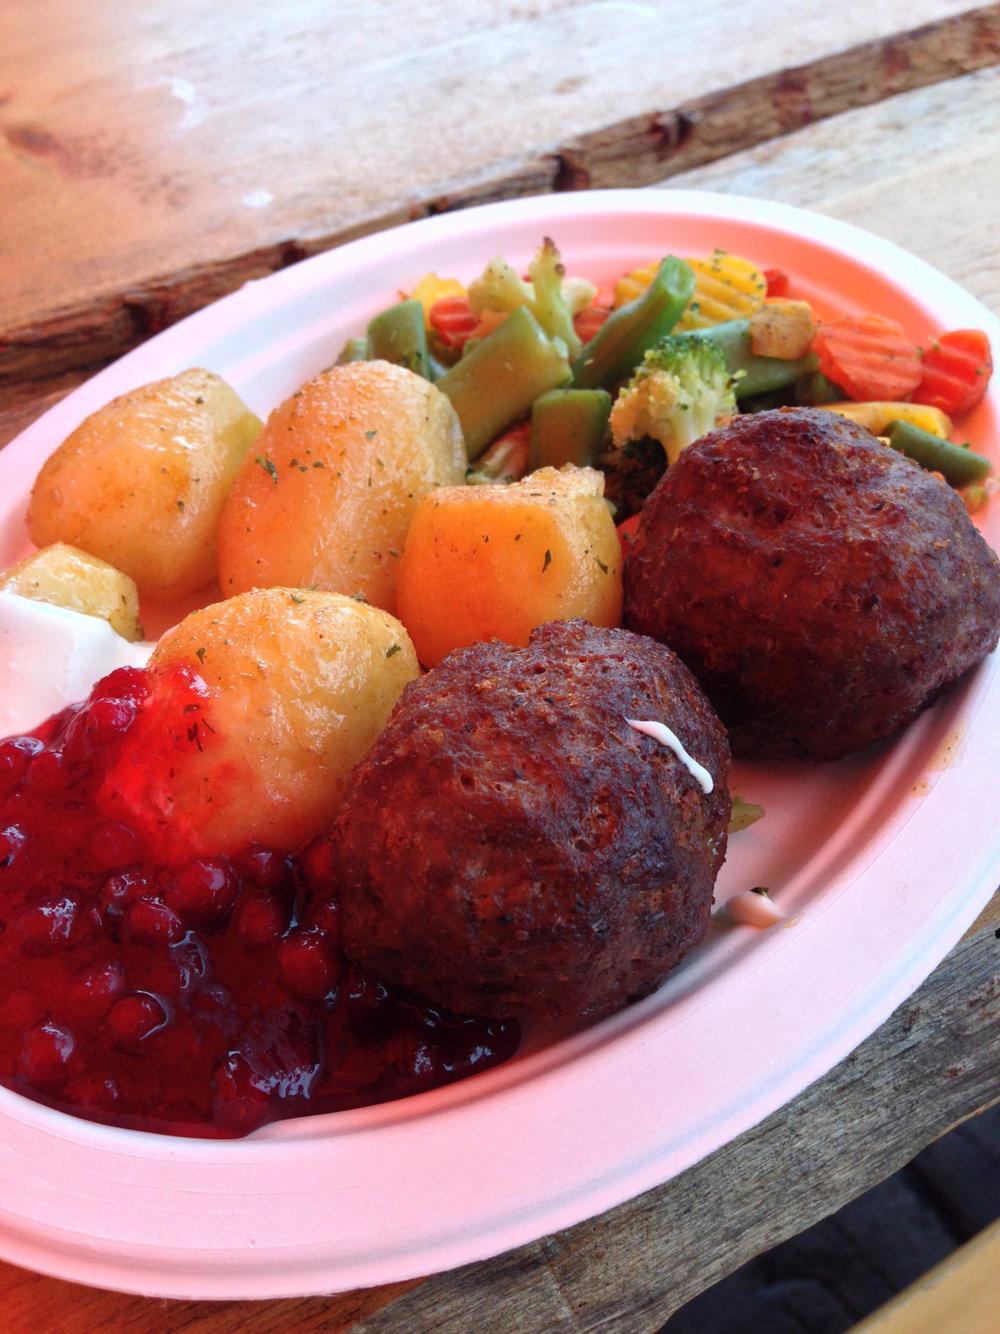 Reindeer meatballs